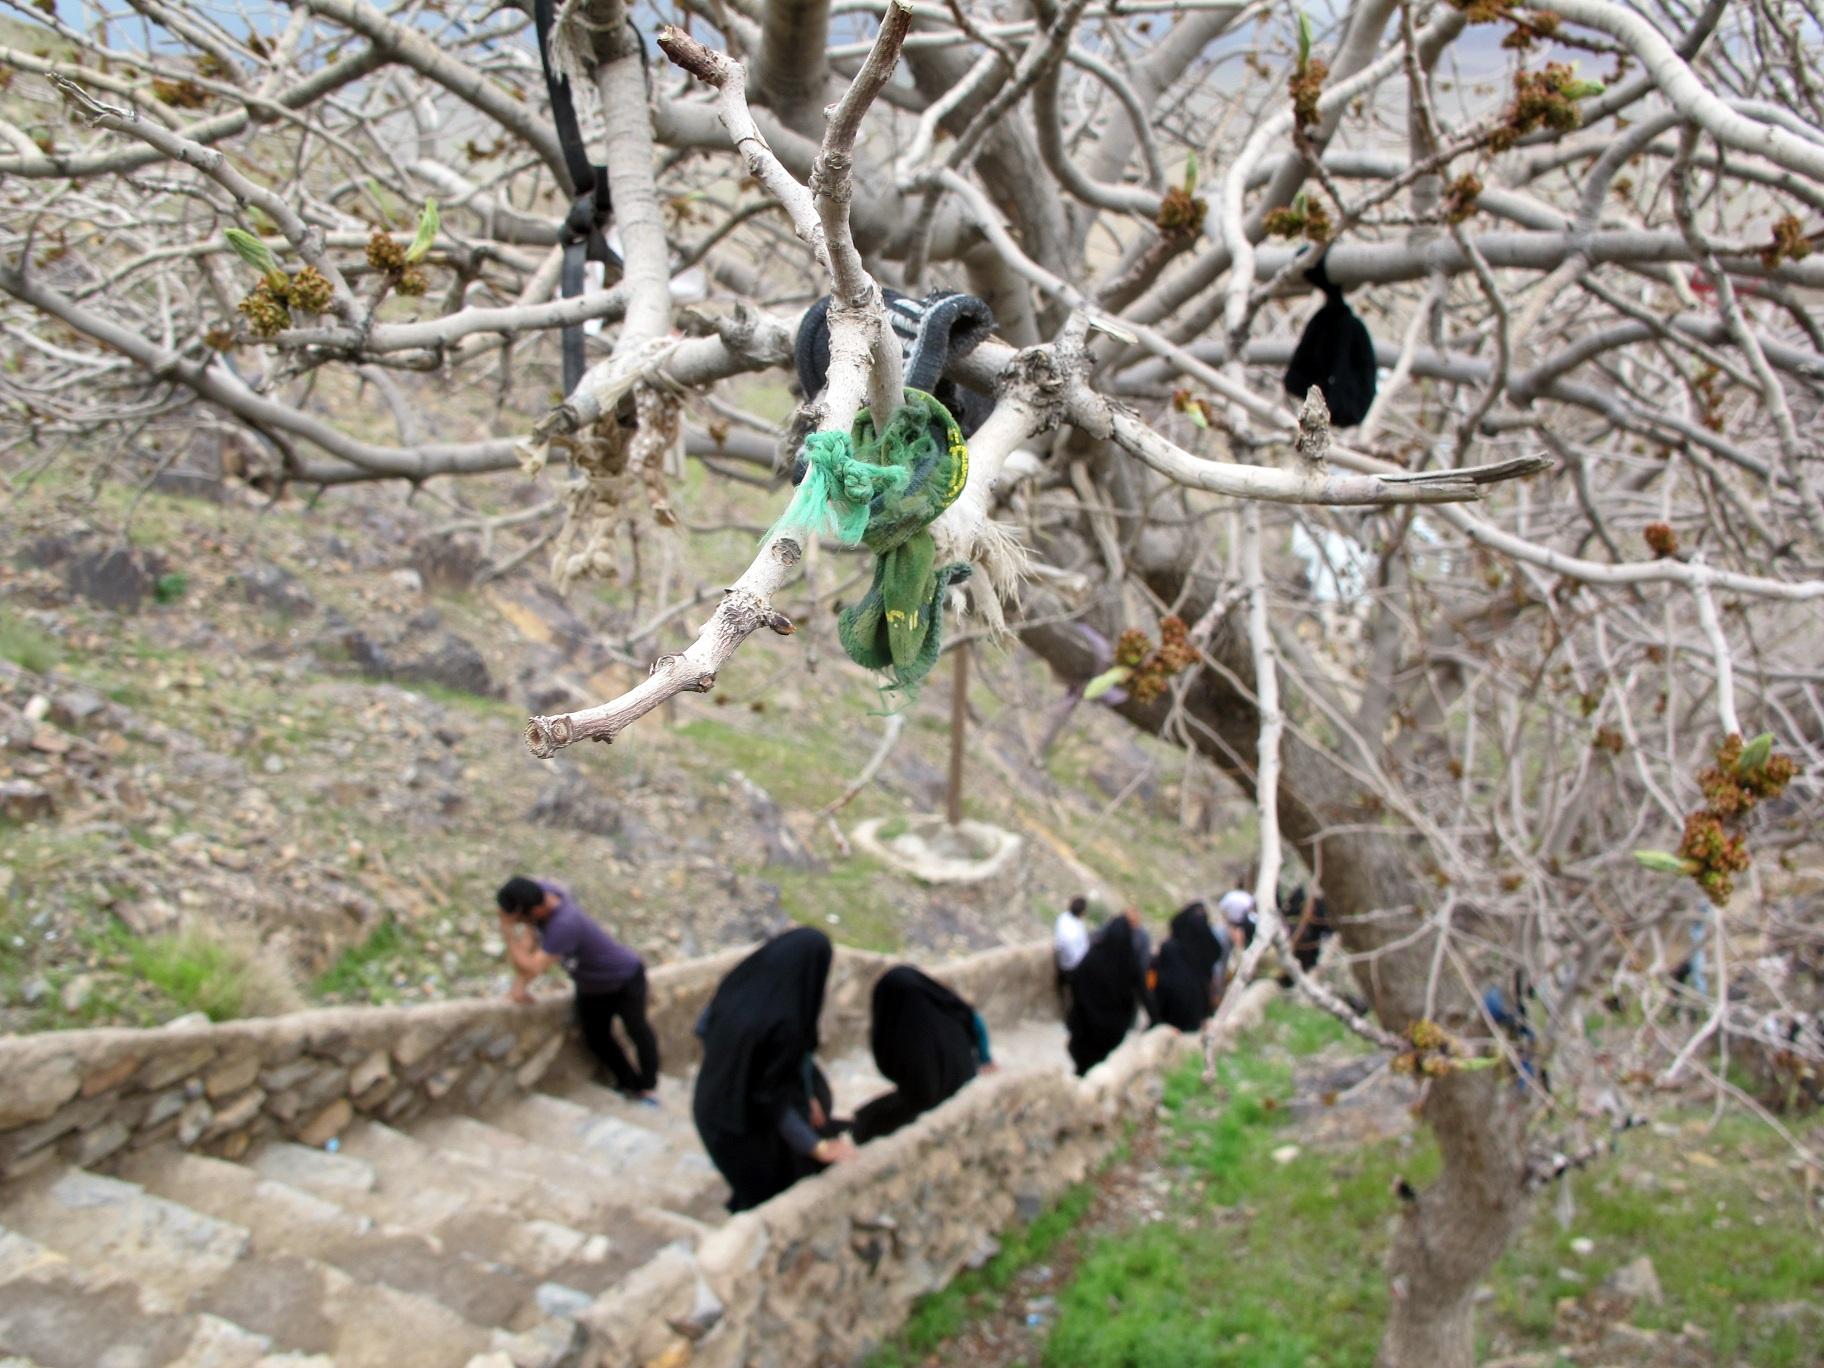 کمر زیارت ،امام زاده کمر زیارت ، تصاویر کمر زیارت ، درختان مقدس ، درختان کهنسال ، درختان بجستان